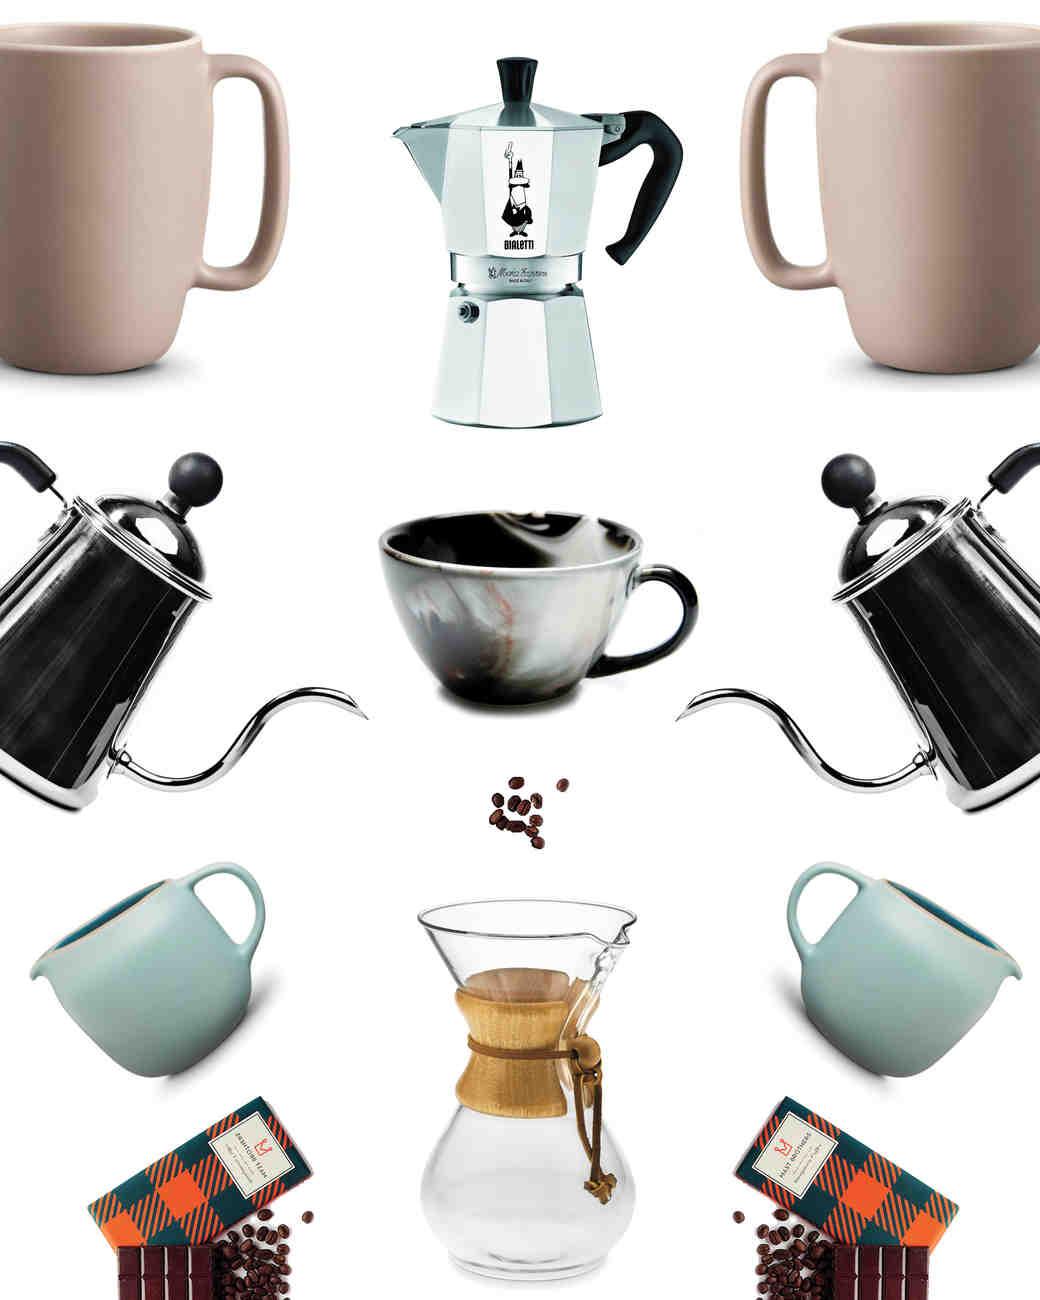 22 Wedding Gift Ideas for Coffee Lovers   Martha Stewart Weddings